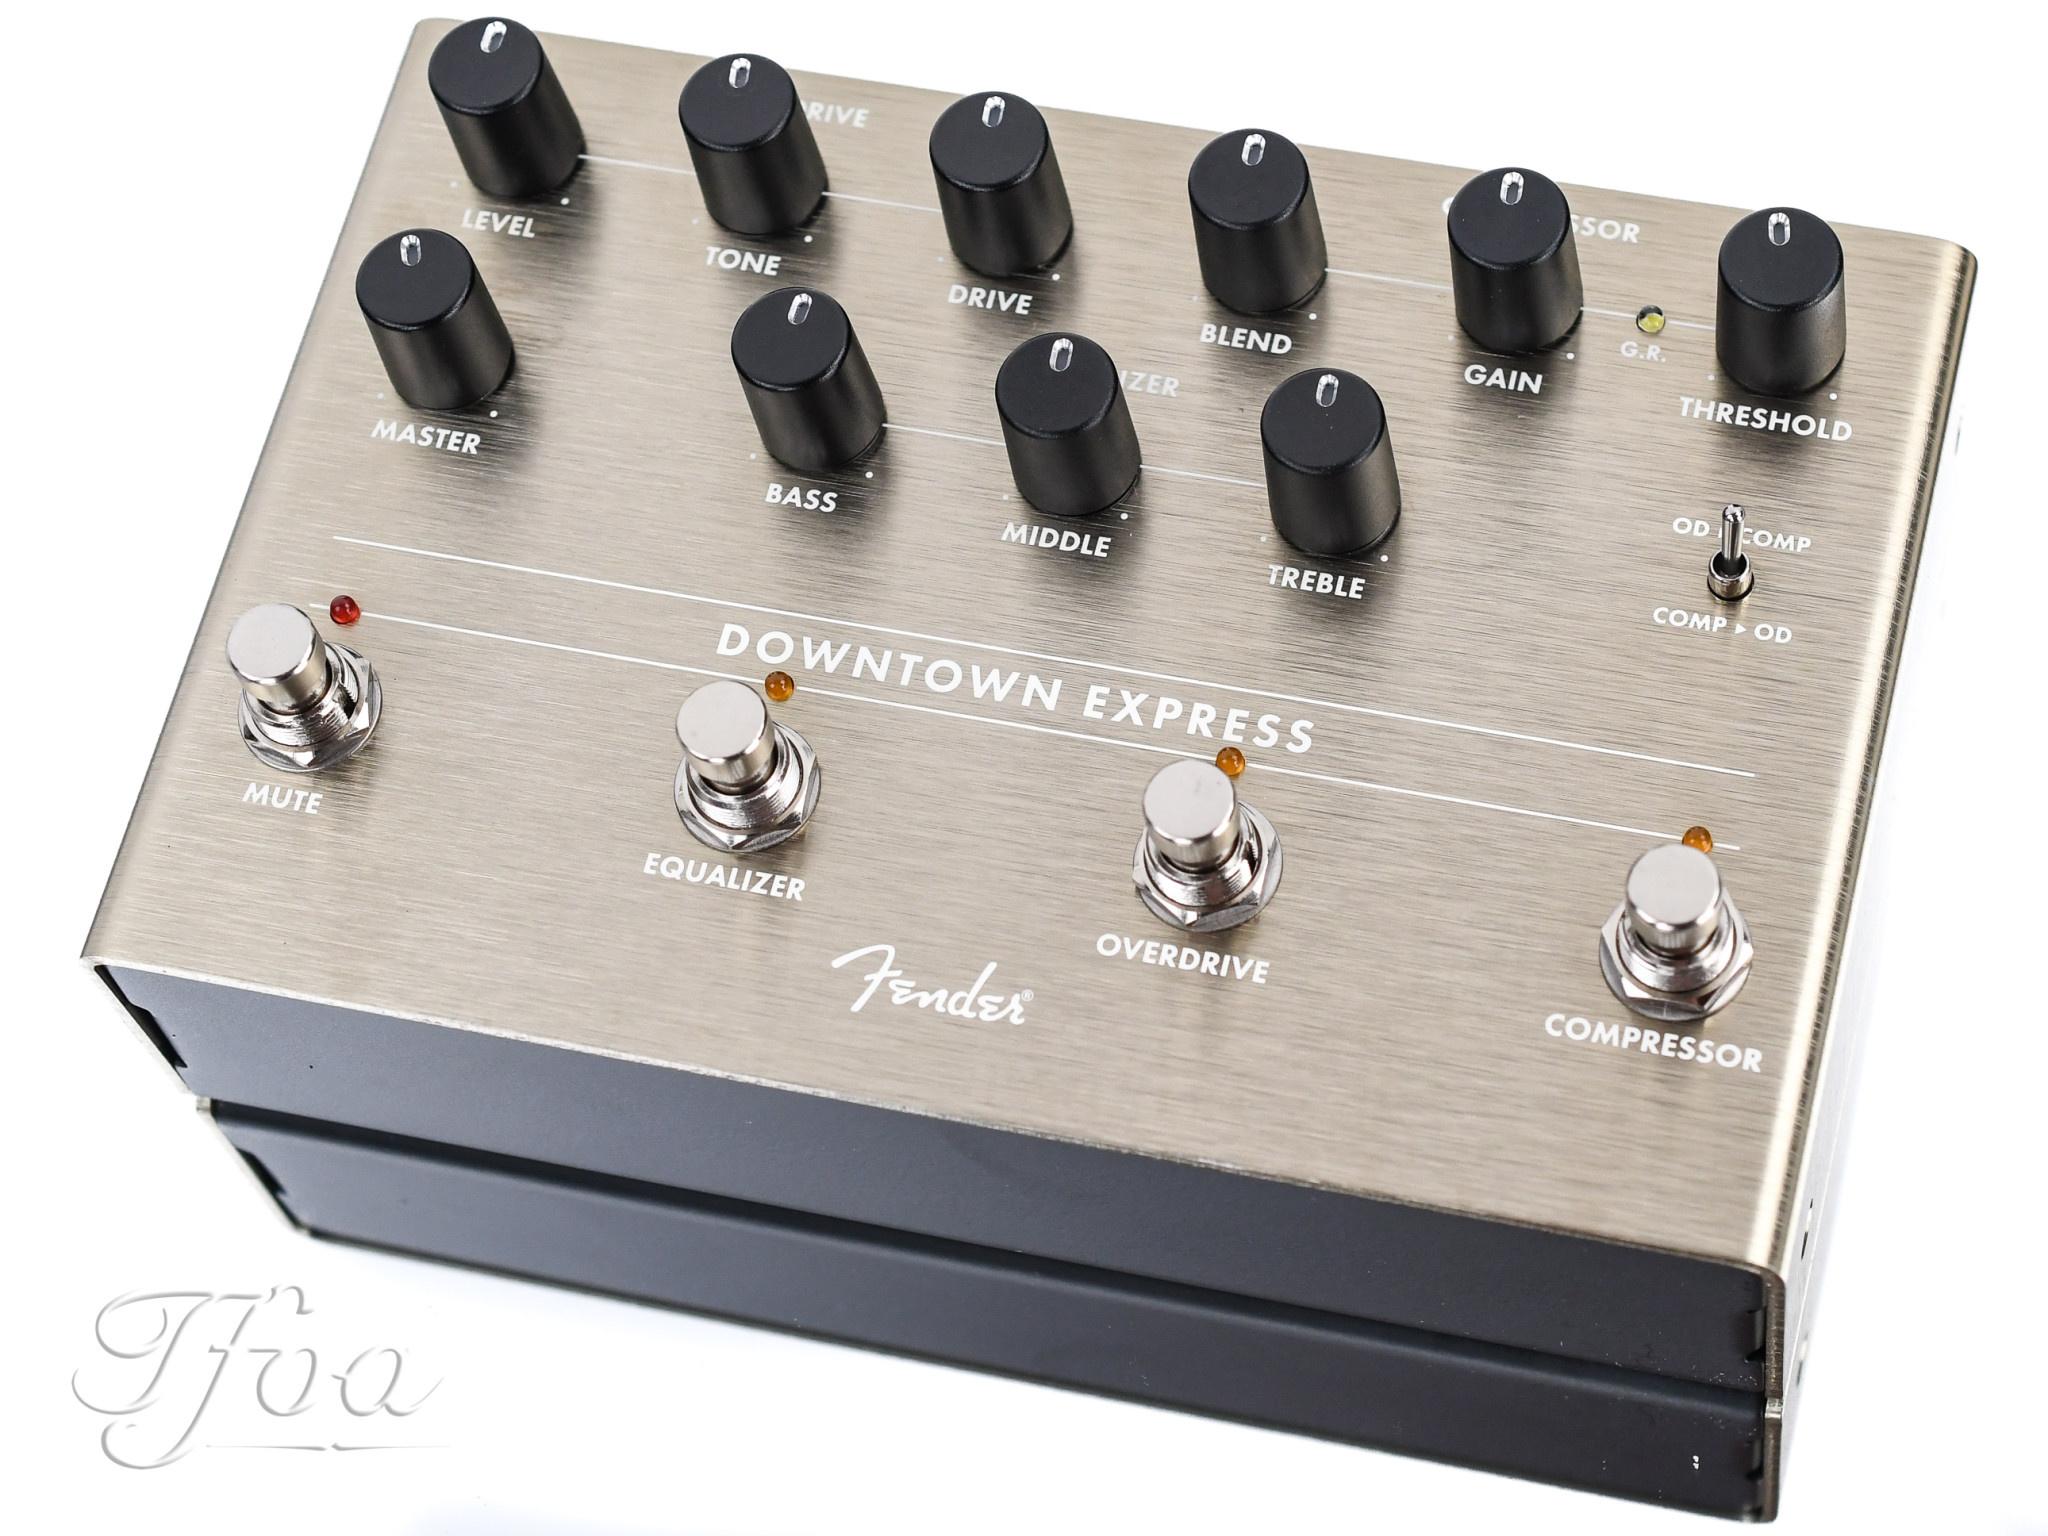 Fender Downtown Express Bass Pedal